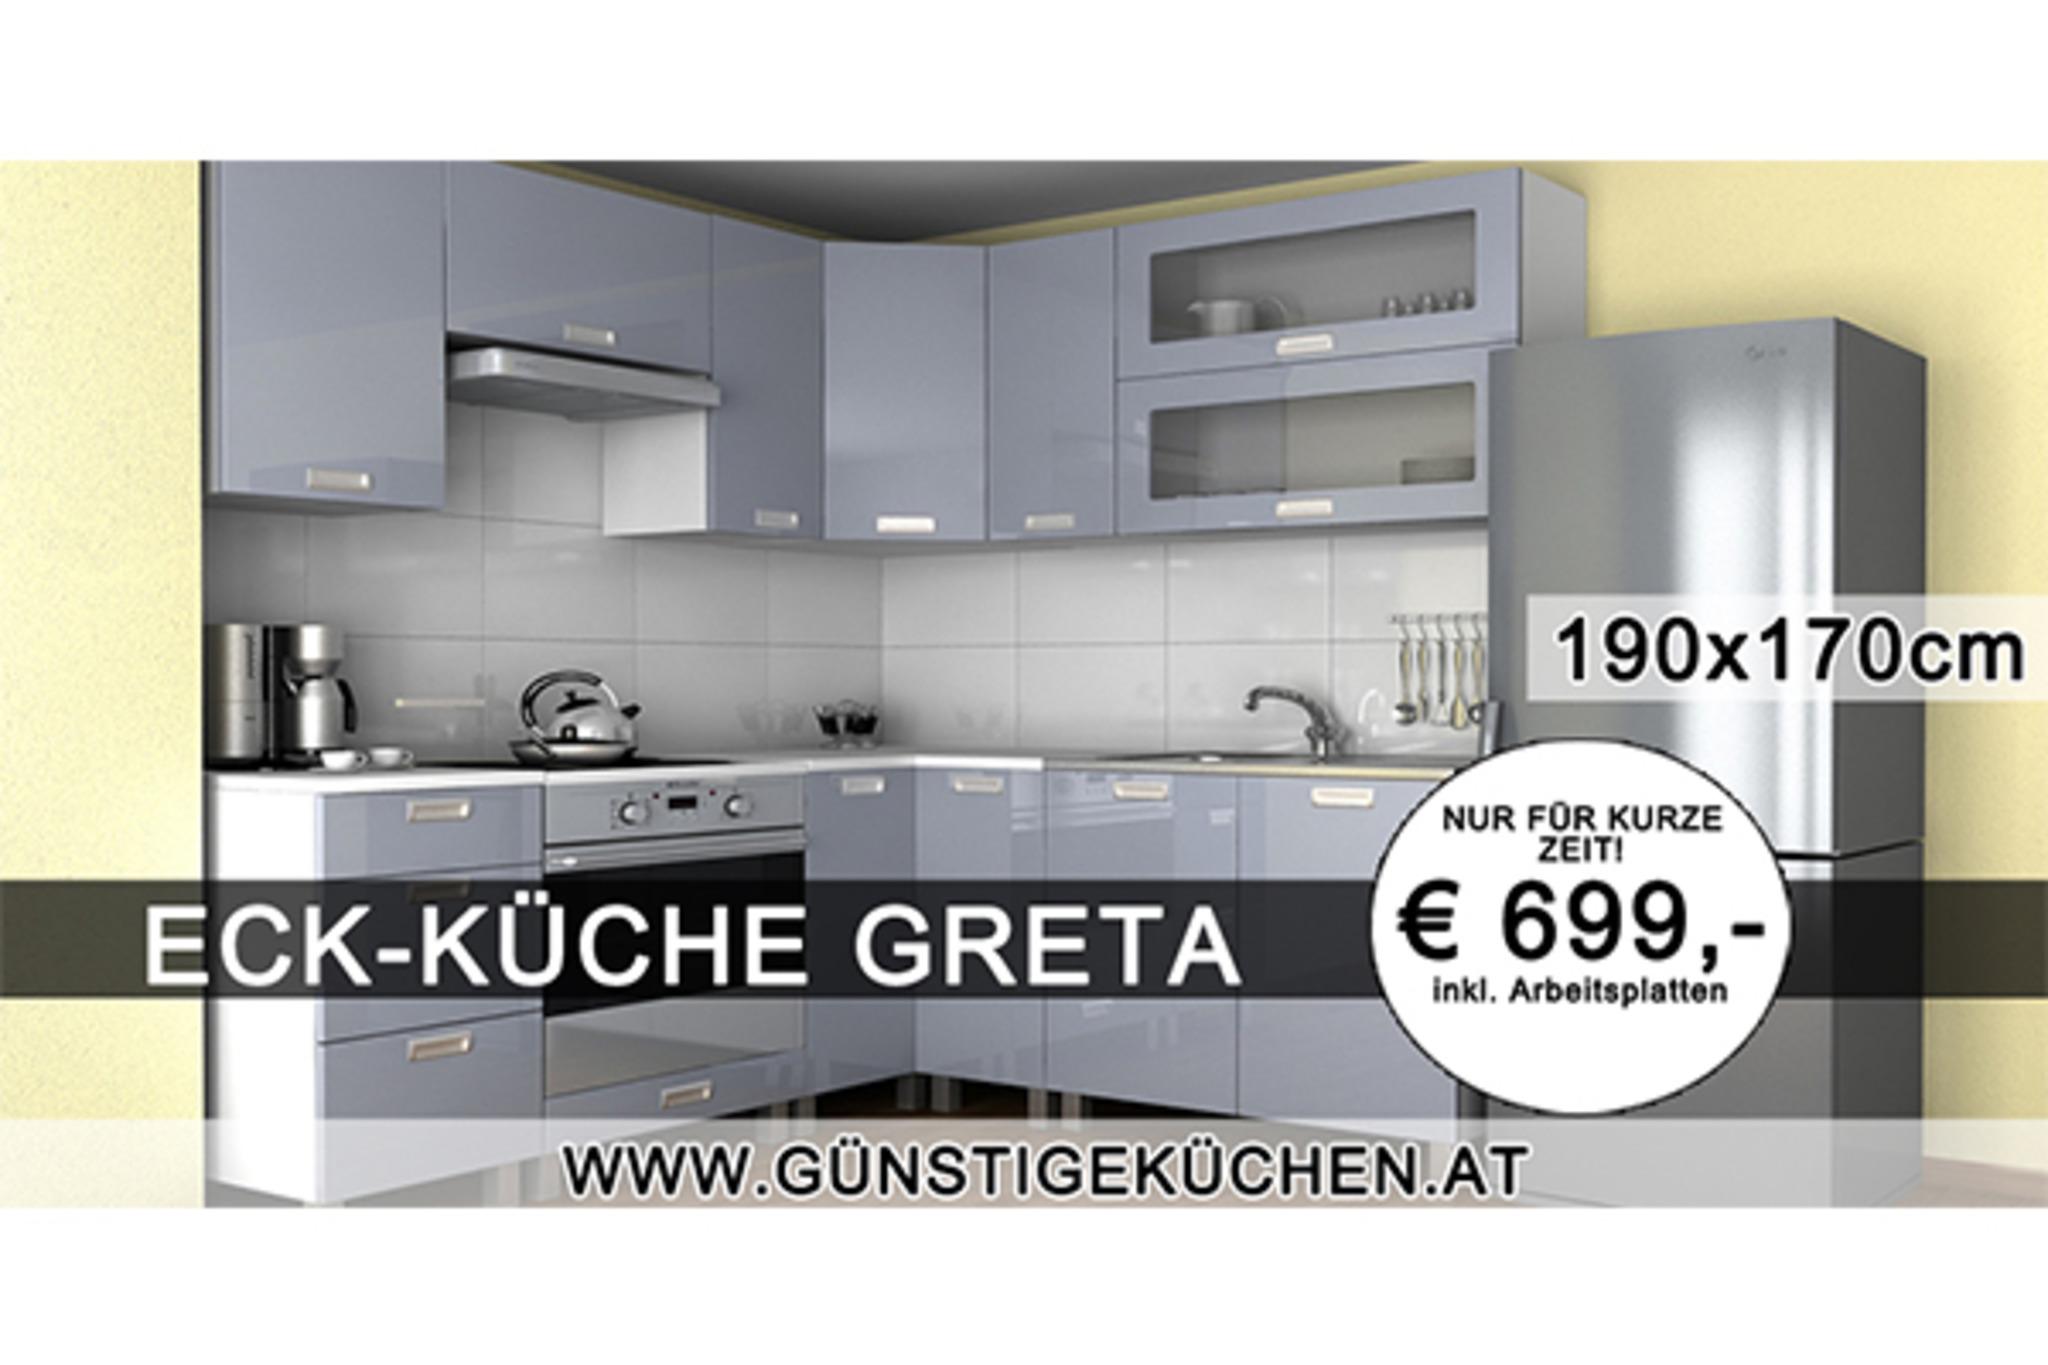 Full Size of Abfalleimer Küche Billig Küche Billig Roller Küche Billig Bauen Küche Günstig Dekorieren Küche Küche Billig